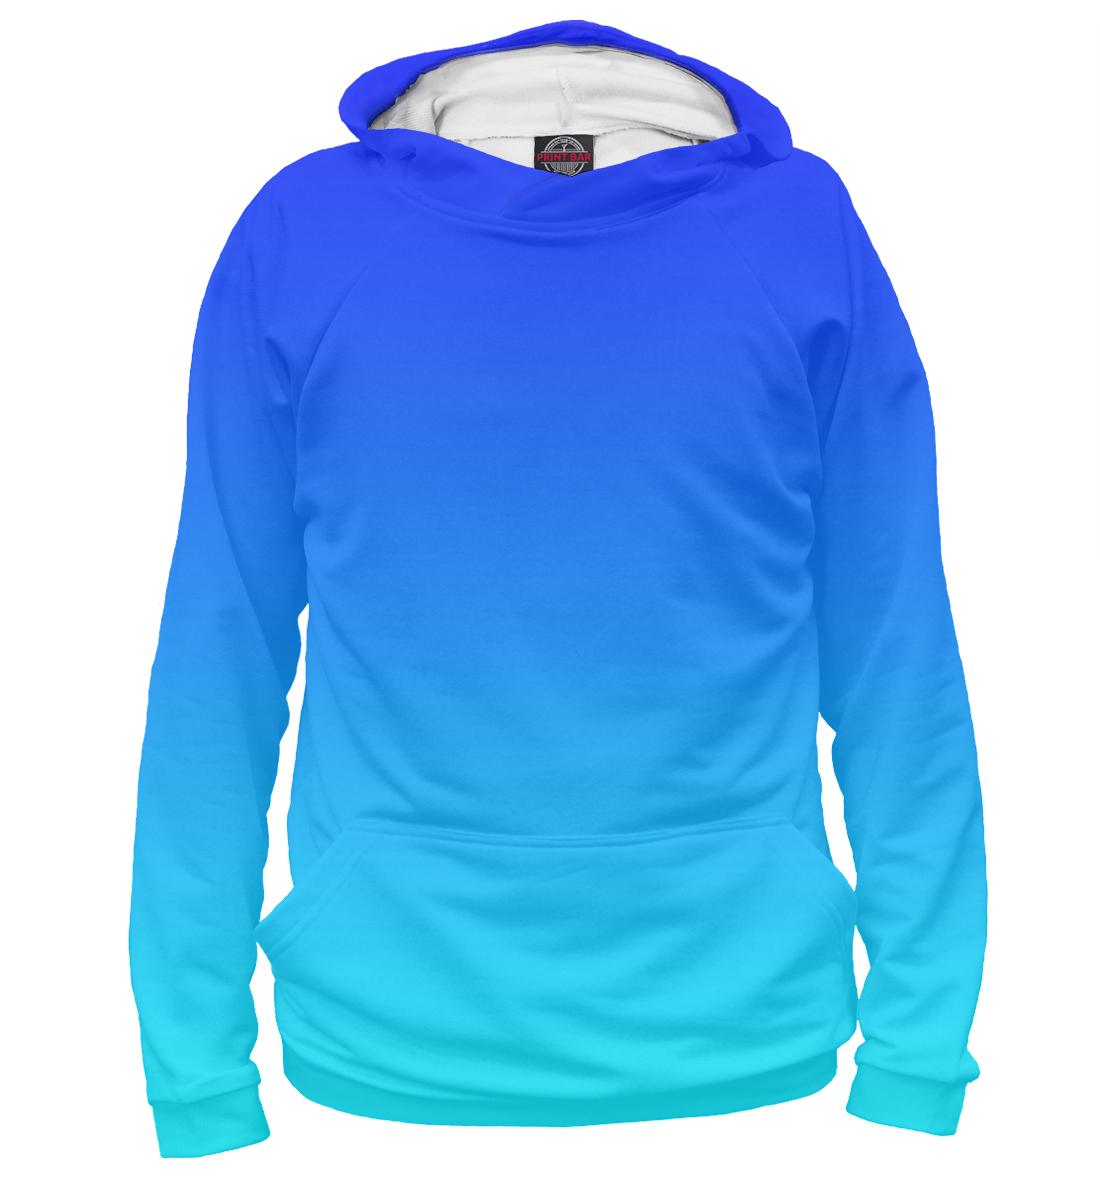 Градиент: Синий в Голубой, Printbar, Худи, CLR-742572-hud-1  - купить со скидкой